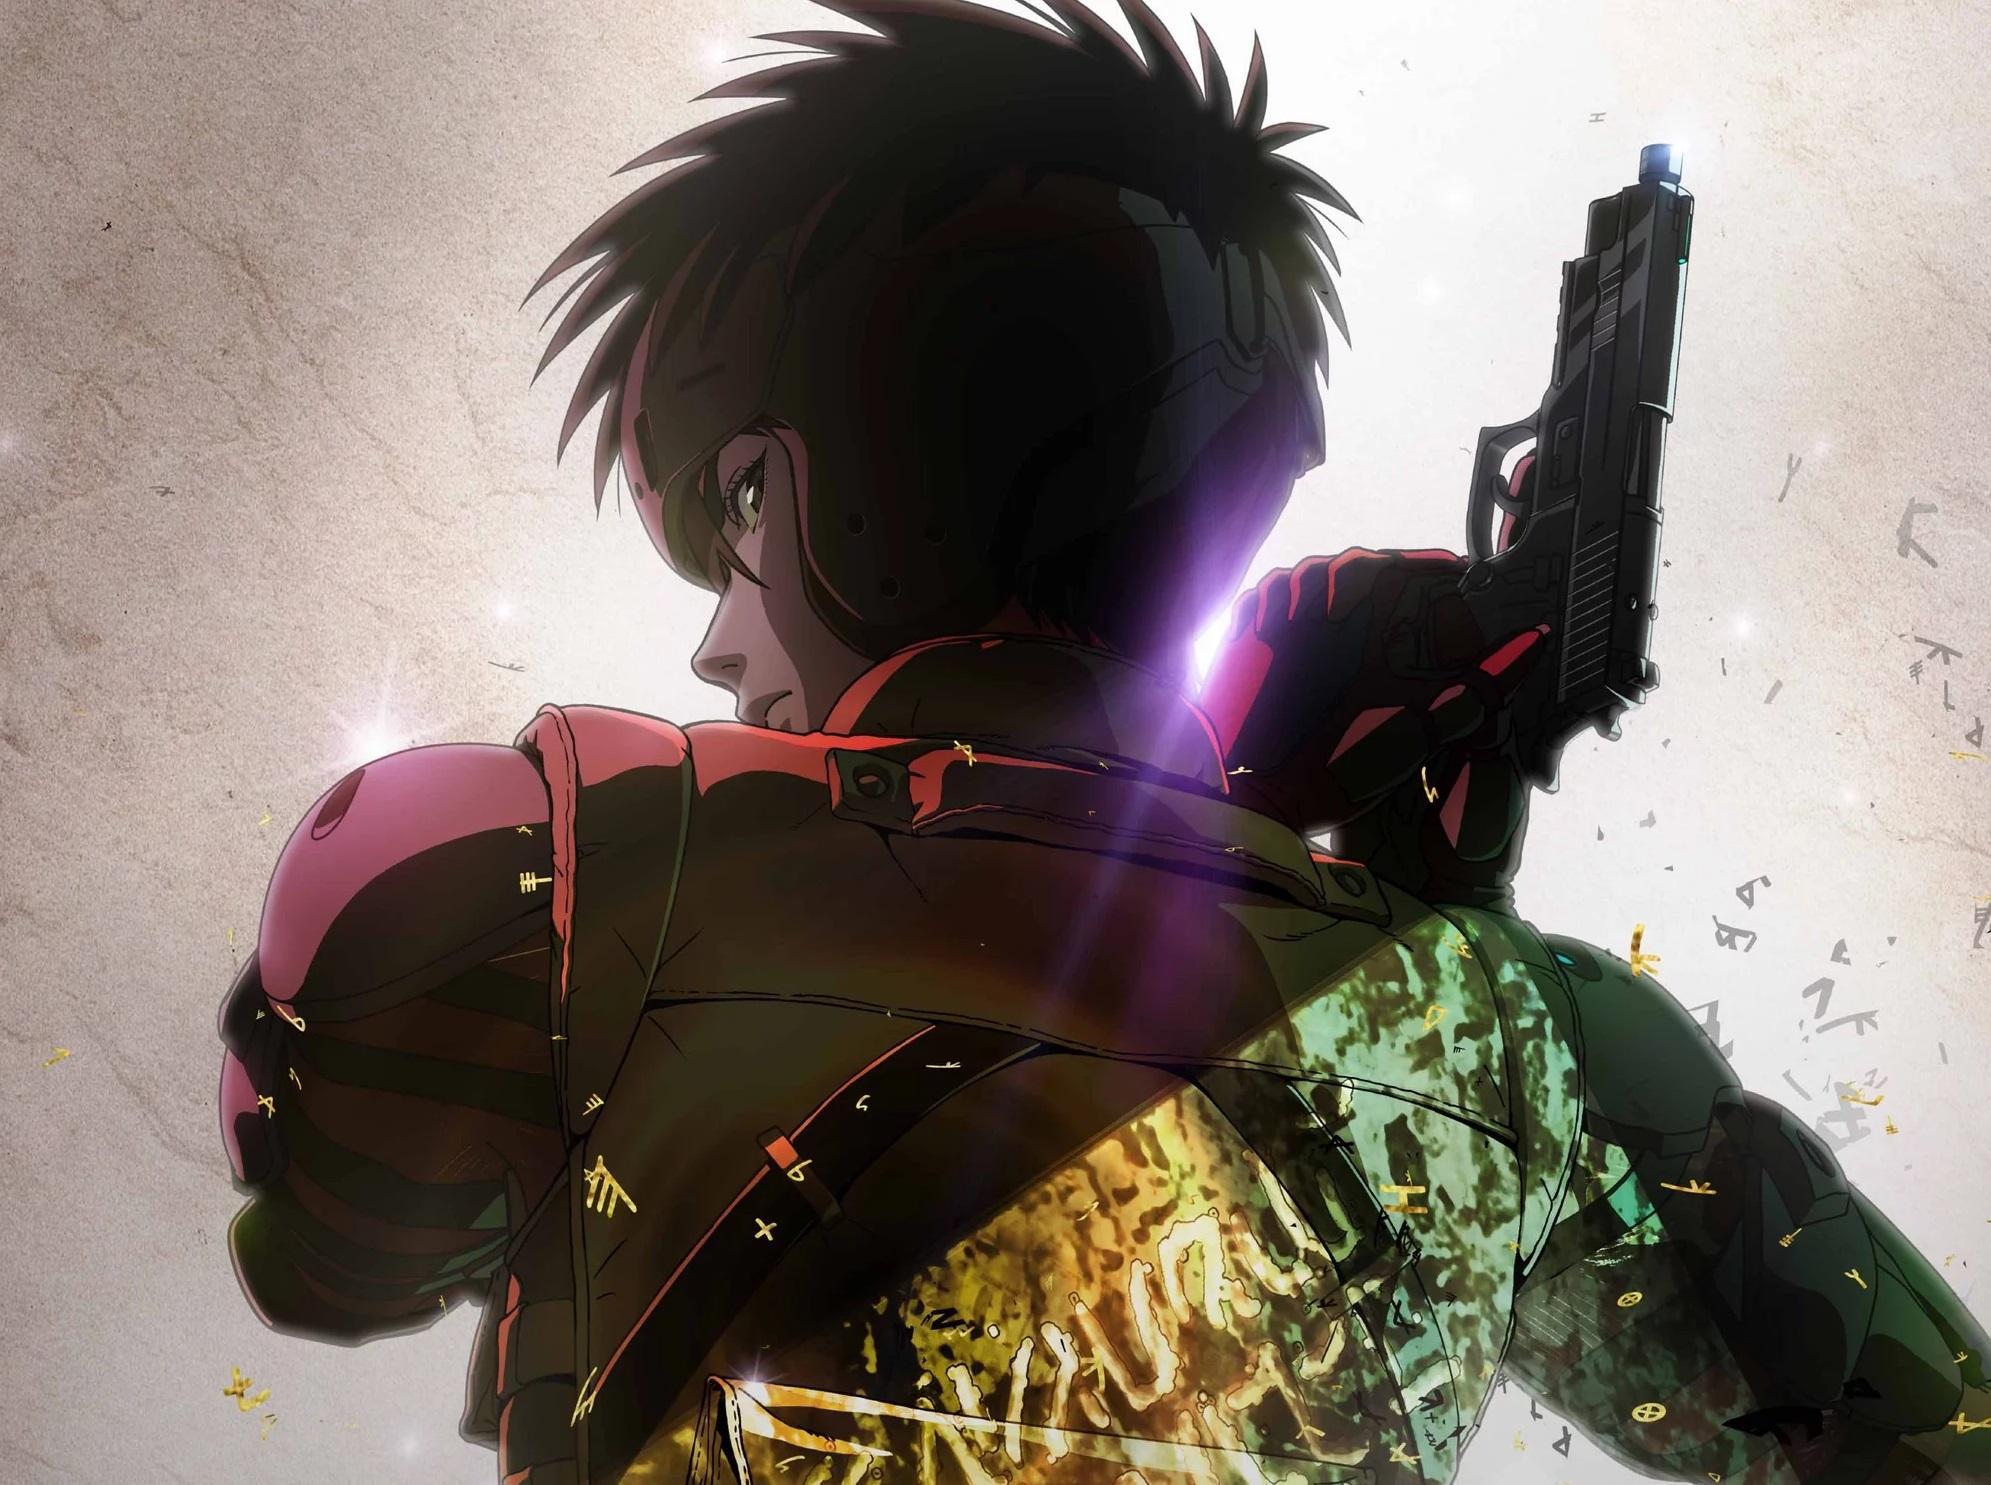 Ремейк аниме Спригган выйдет в 2021 году на Netflix.